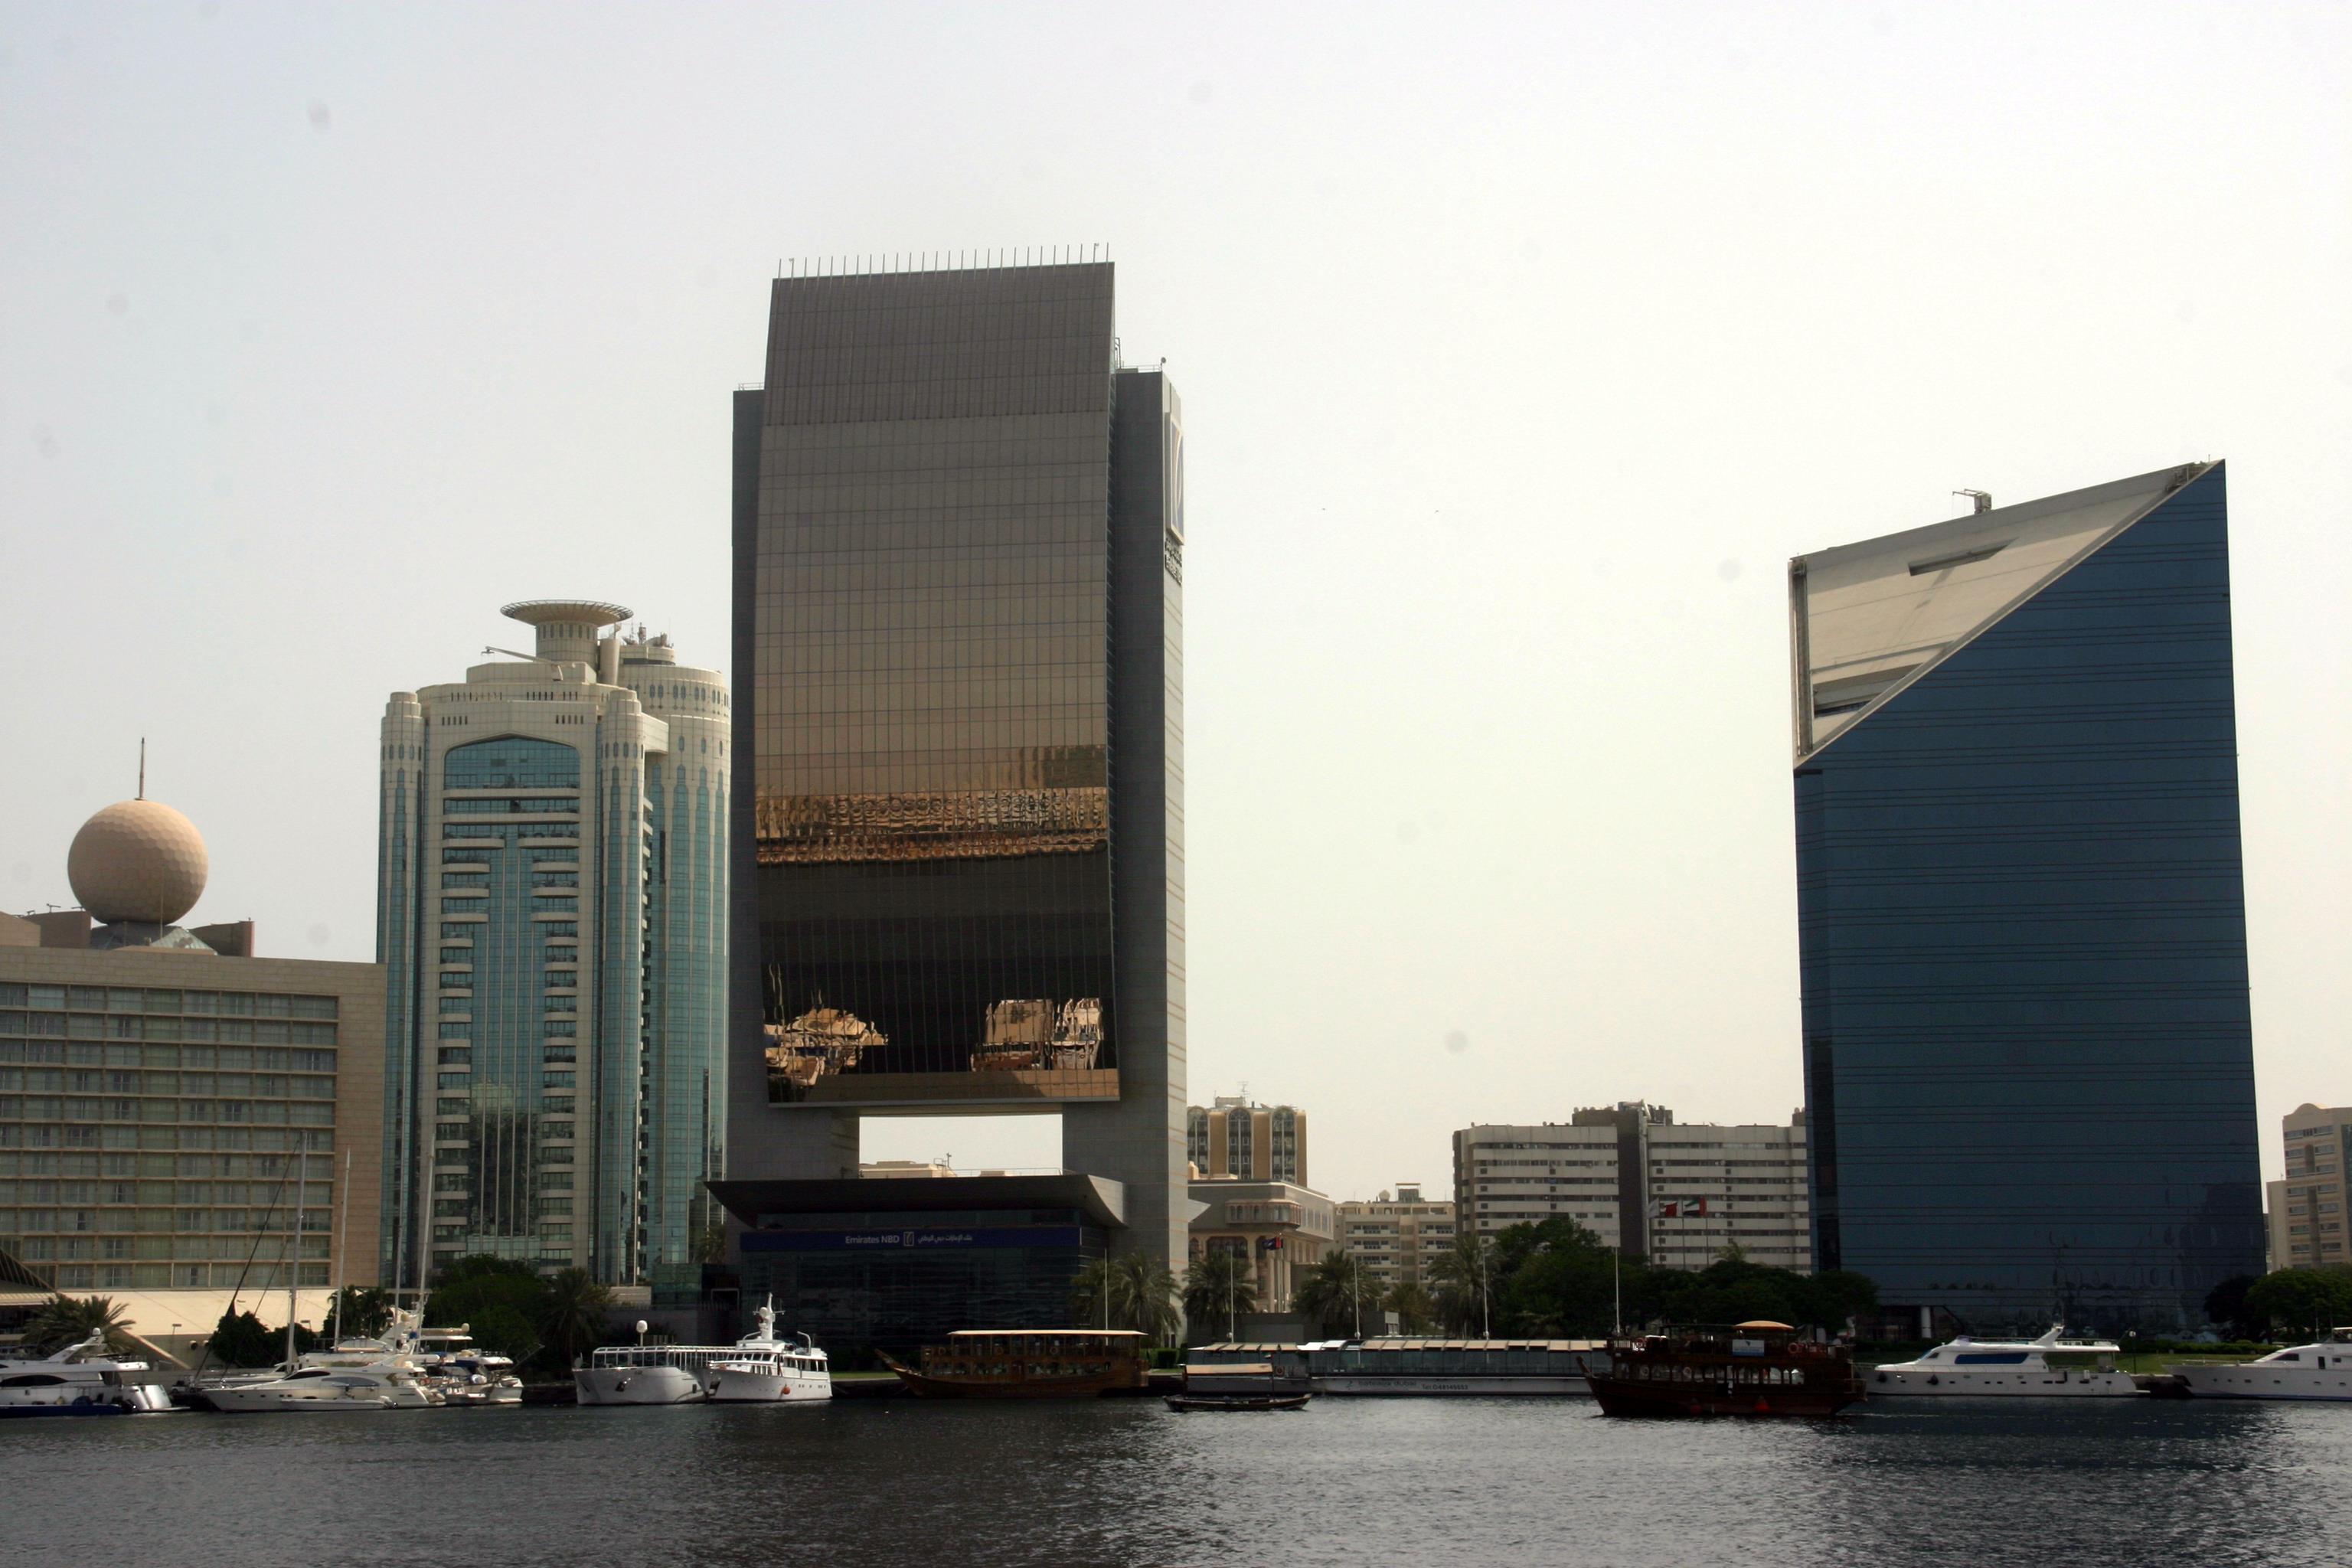 A Deira városrész Creek menti felhőkarcolói voltak a városban az elsők - ma már történelminek számítanak (amíg Kairóban egy 400 éves épület szinte újnak számít, addig Dubajban a 80-as évekbeli már réginek és történelminek)